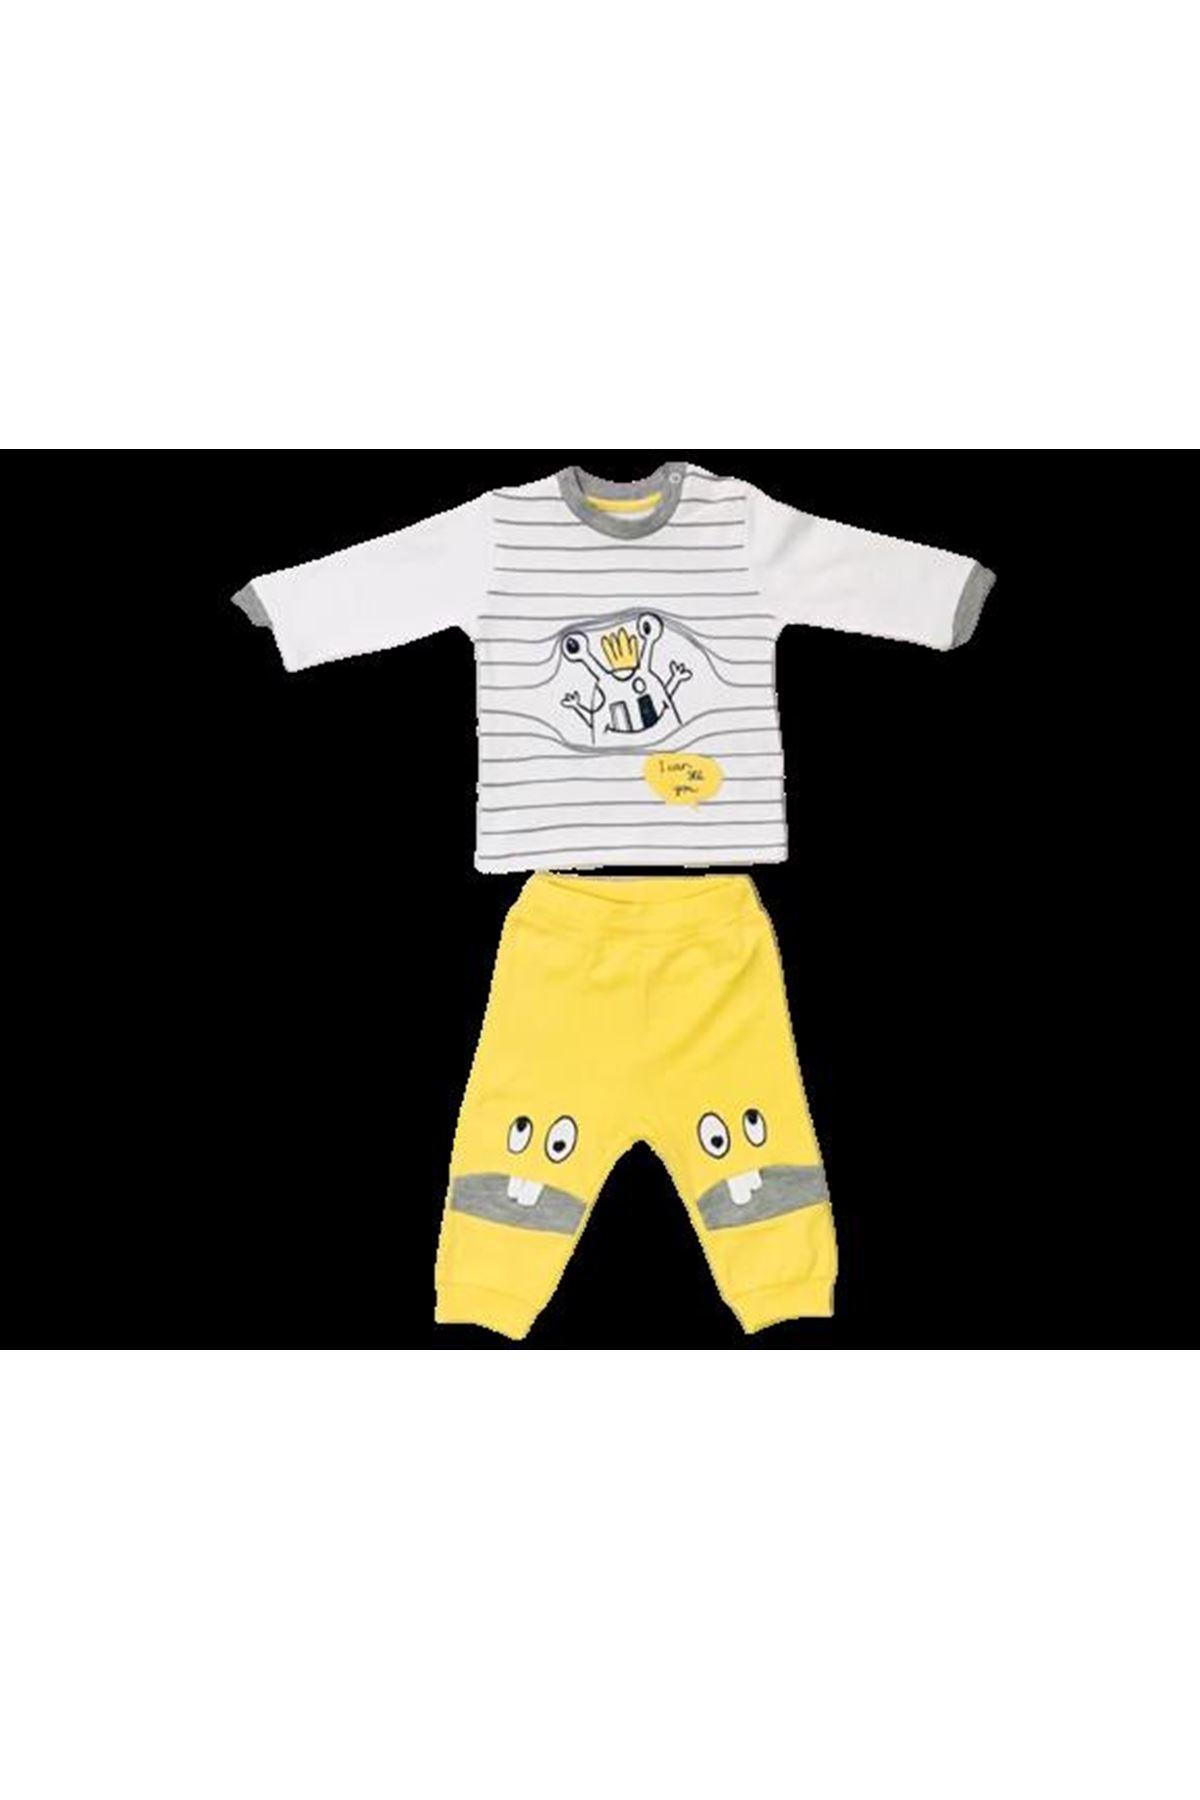 Mymio Baby Monsters 2li Bebe Takım 422 Sarı